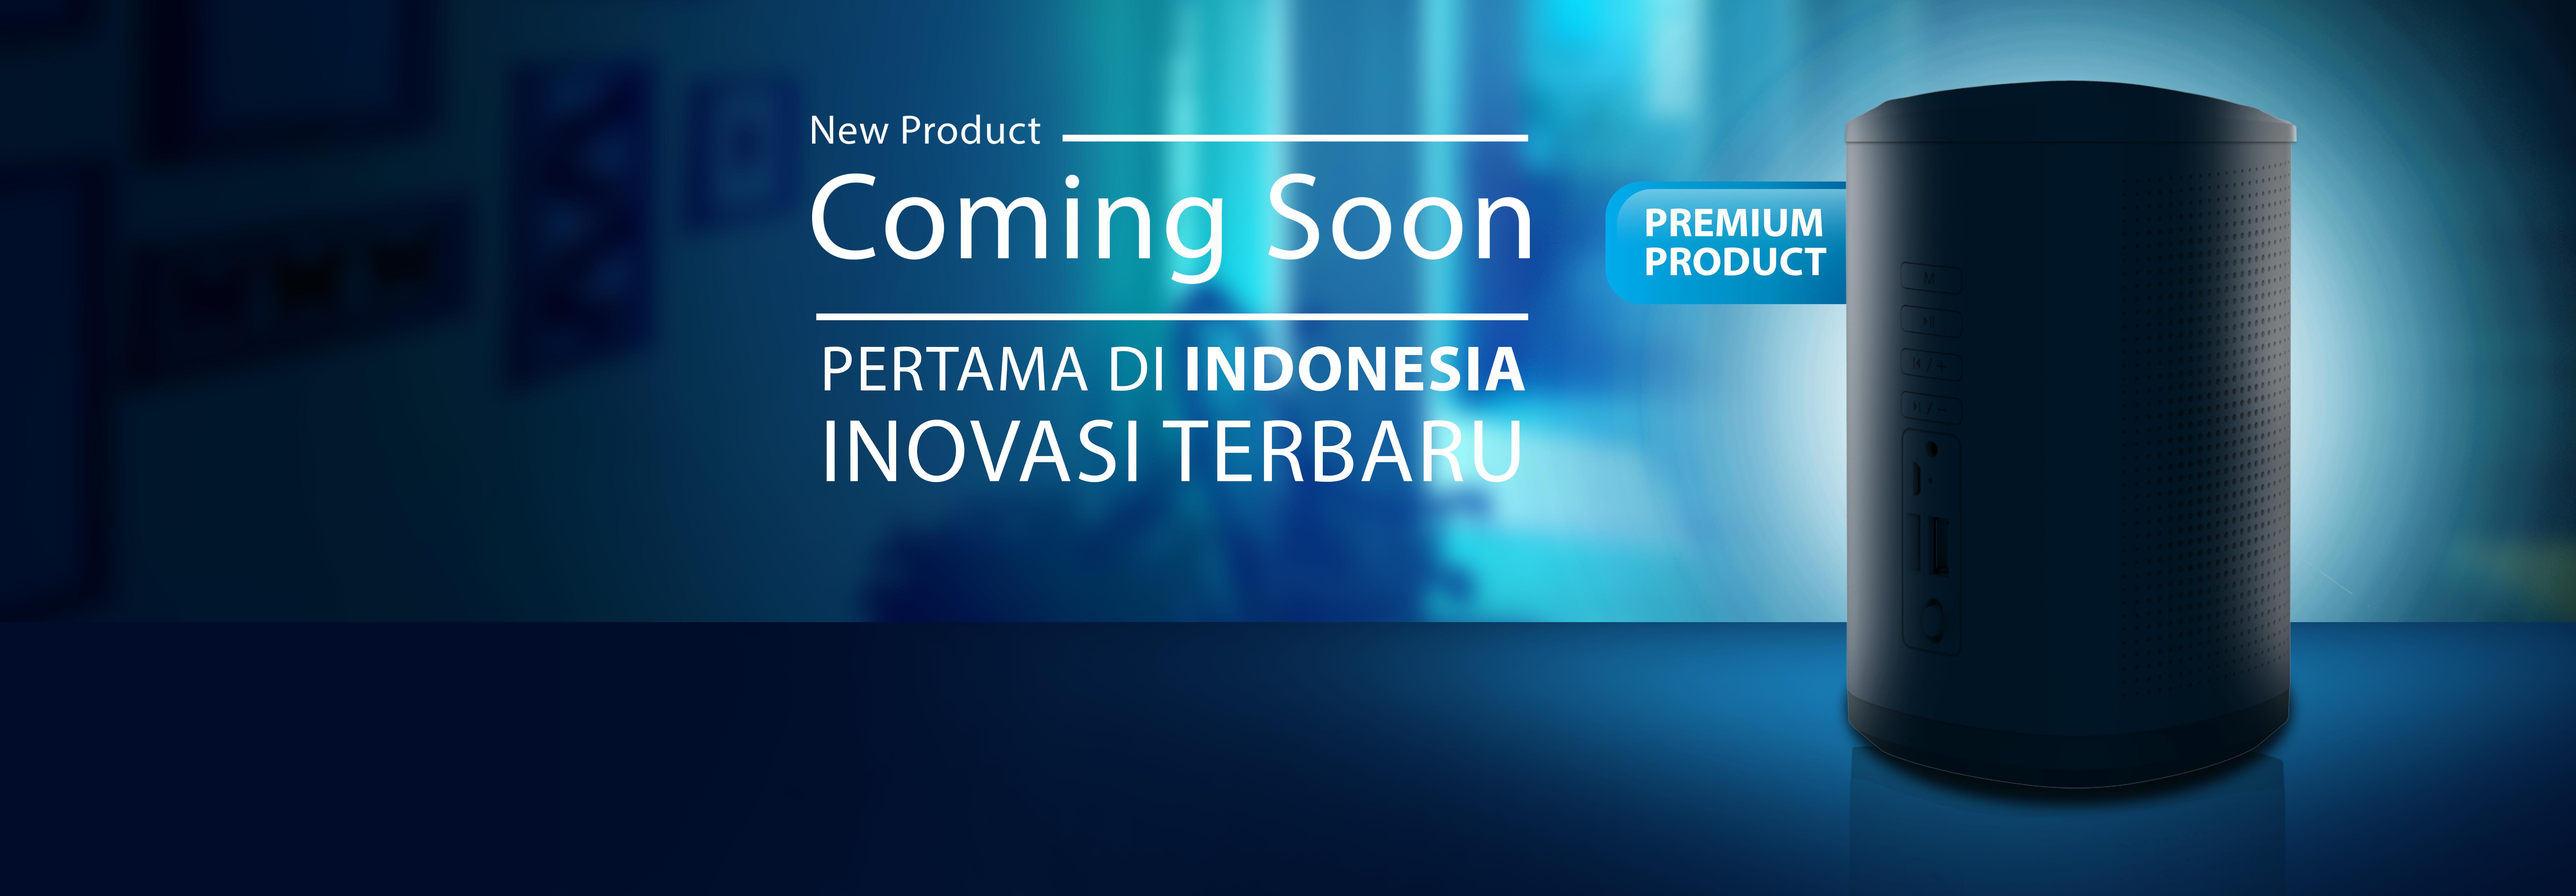 fb-new-produc_2